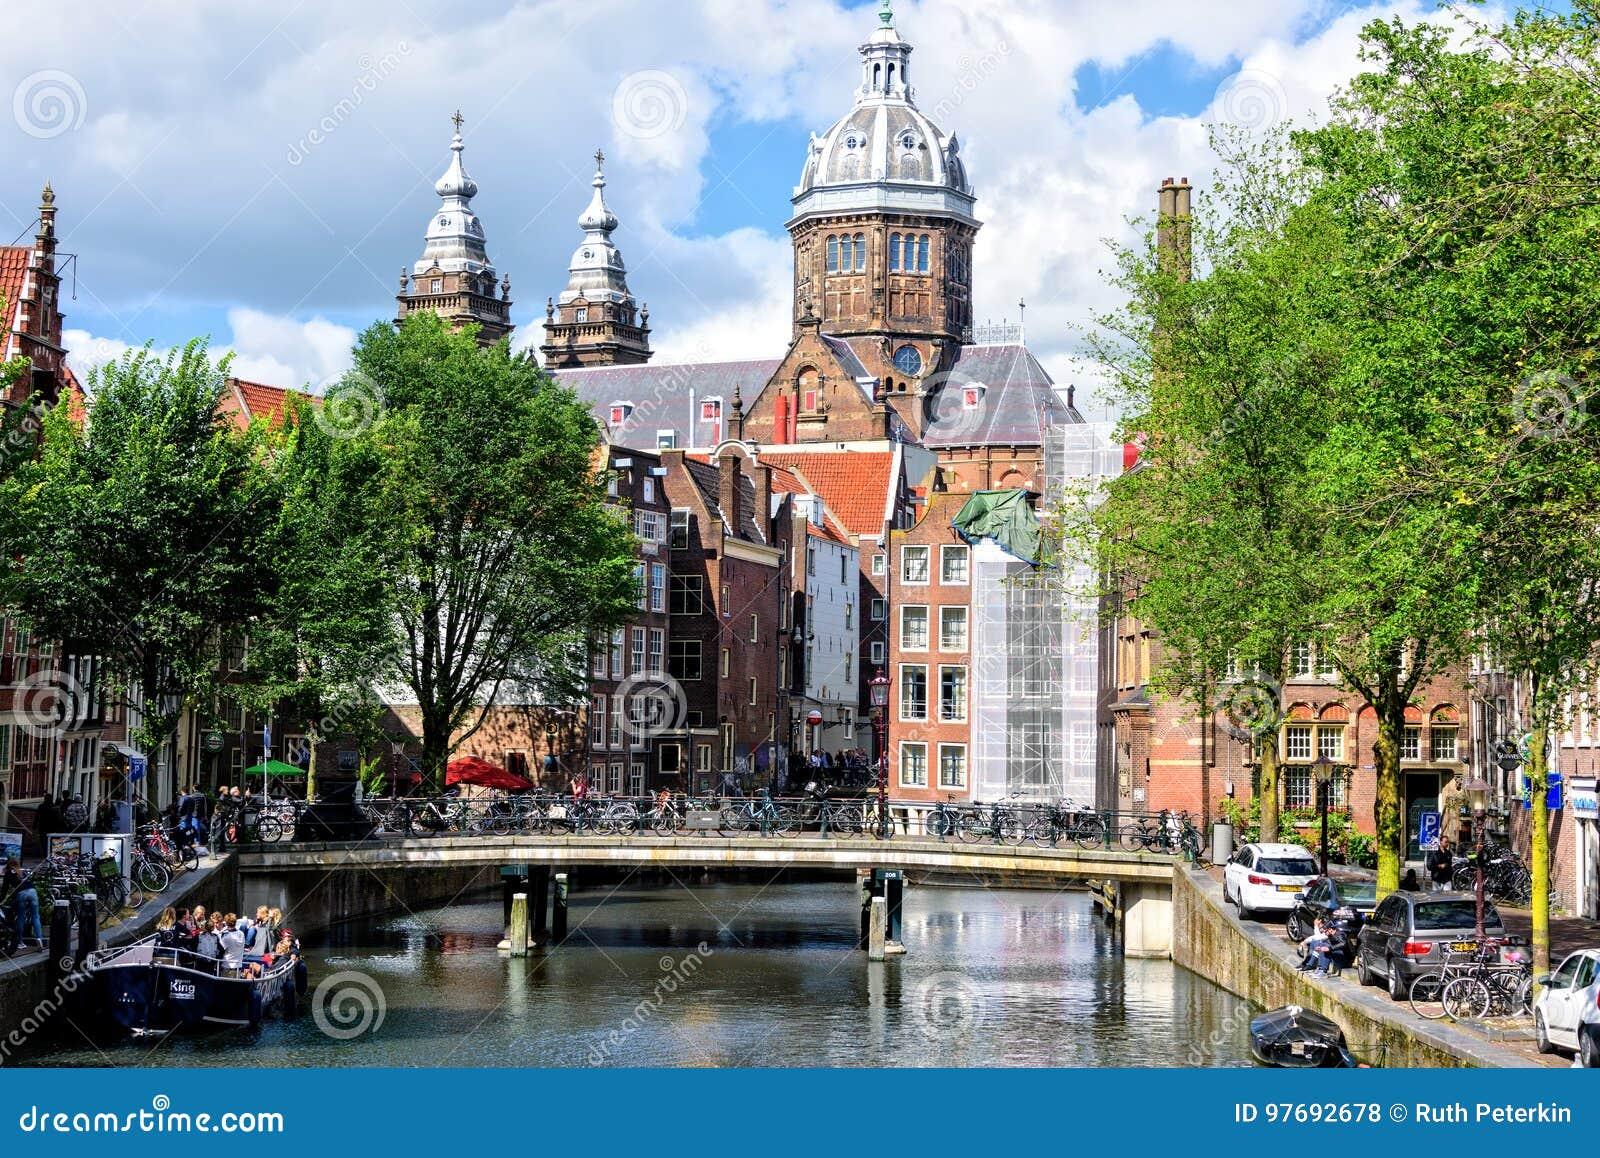 Saint Nicholas Church in Amsterdam